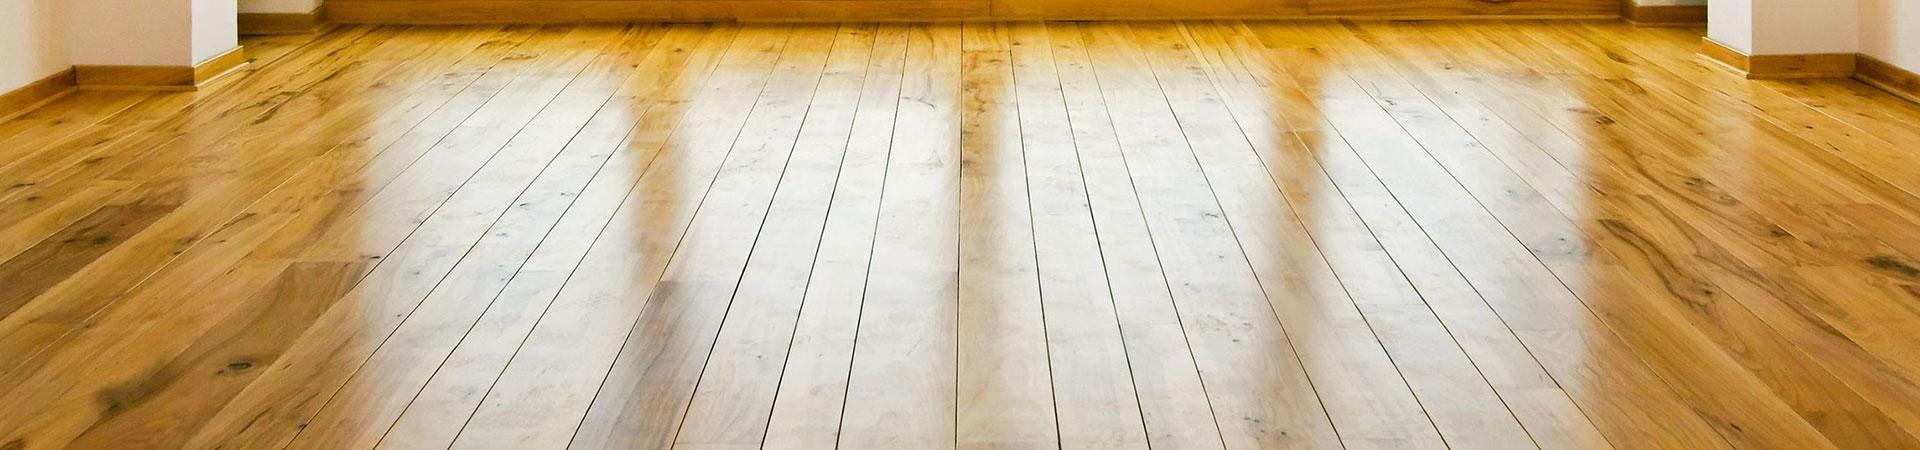 Installazione pavimenti in legno Verona e provincia